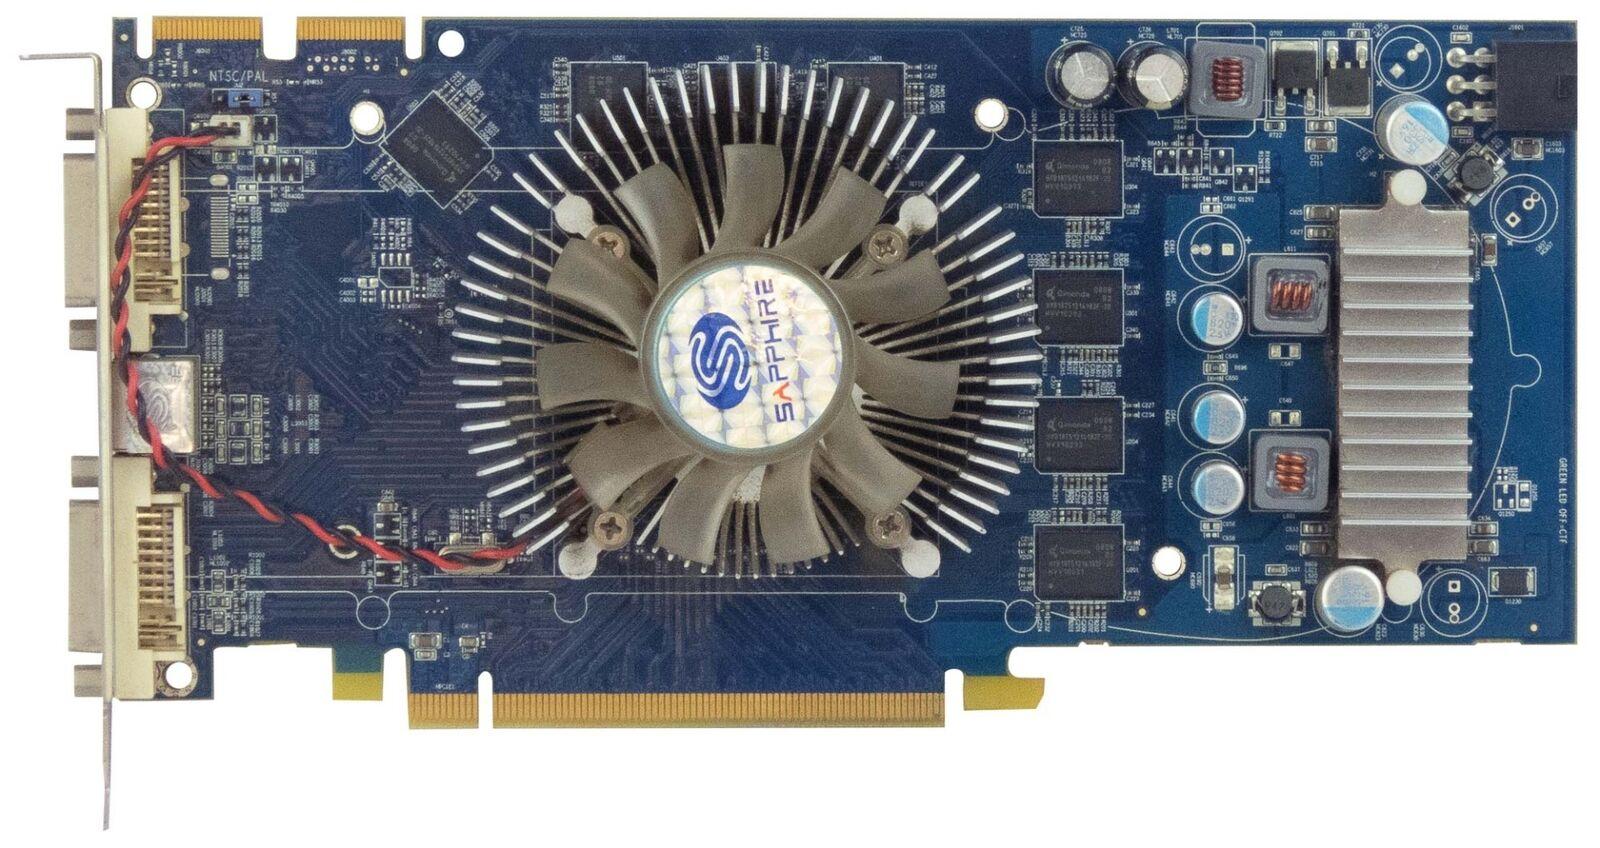 SAPPHIRE ATI RADEON HD 3850 1GB PCIe x16 DDR2